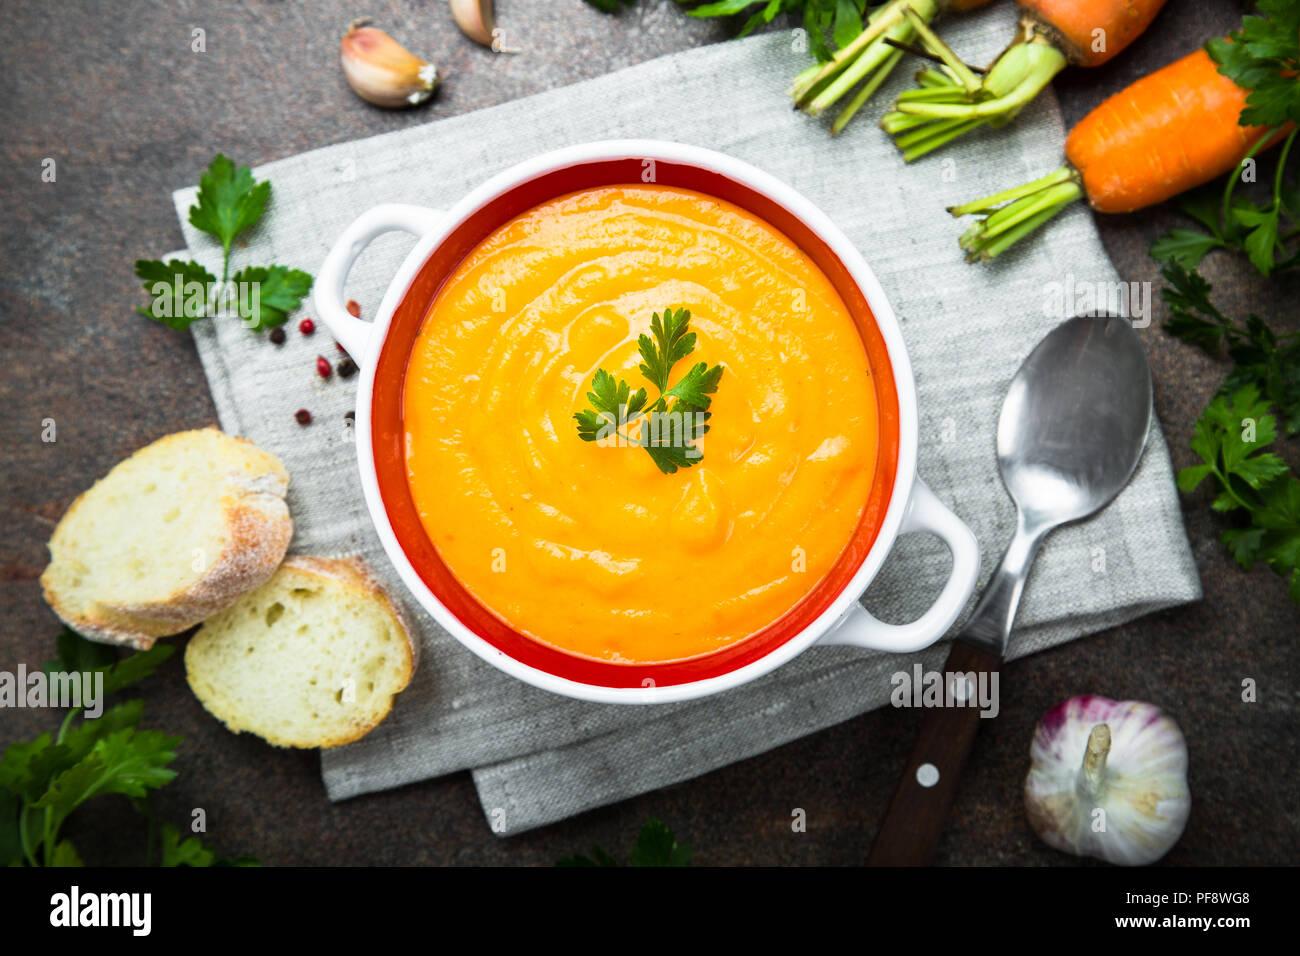 La carota Crema di zucca-zuppa su pietra scura tabella. Vegetariano zuppa di verdure. Vista dall'alto. Foto Stock